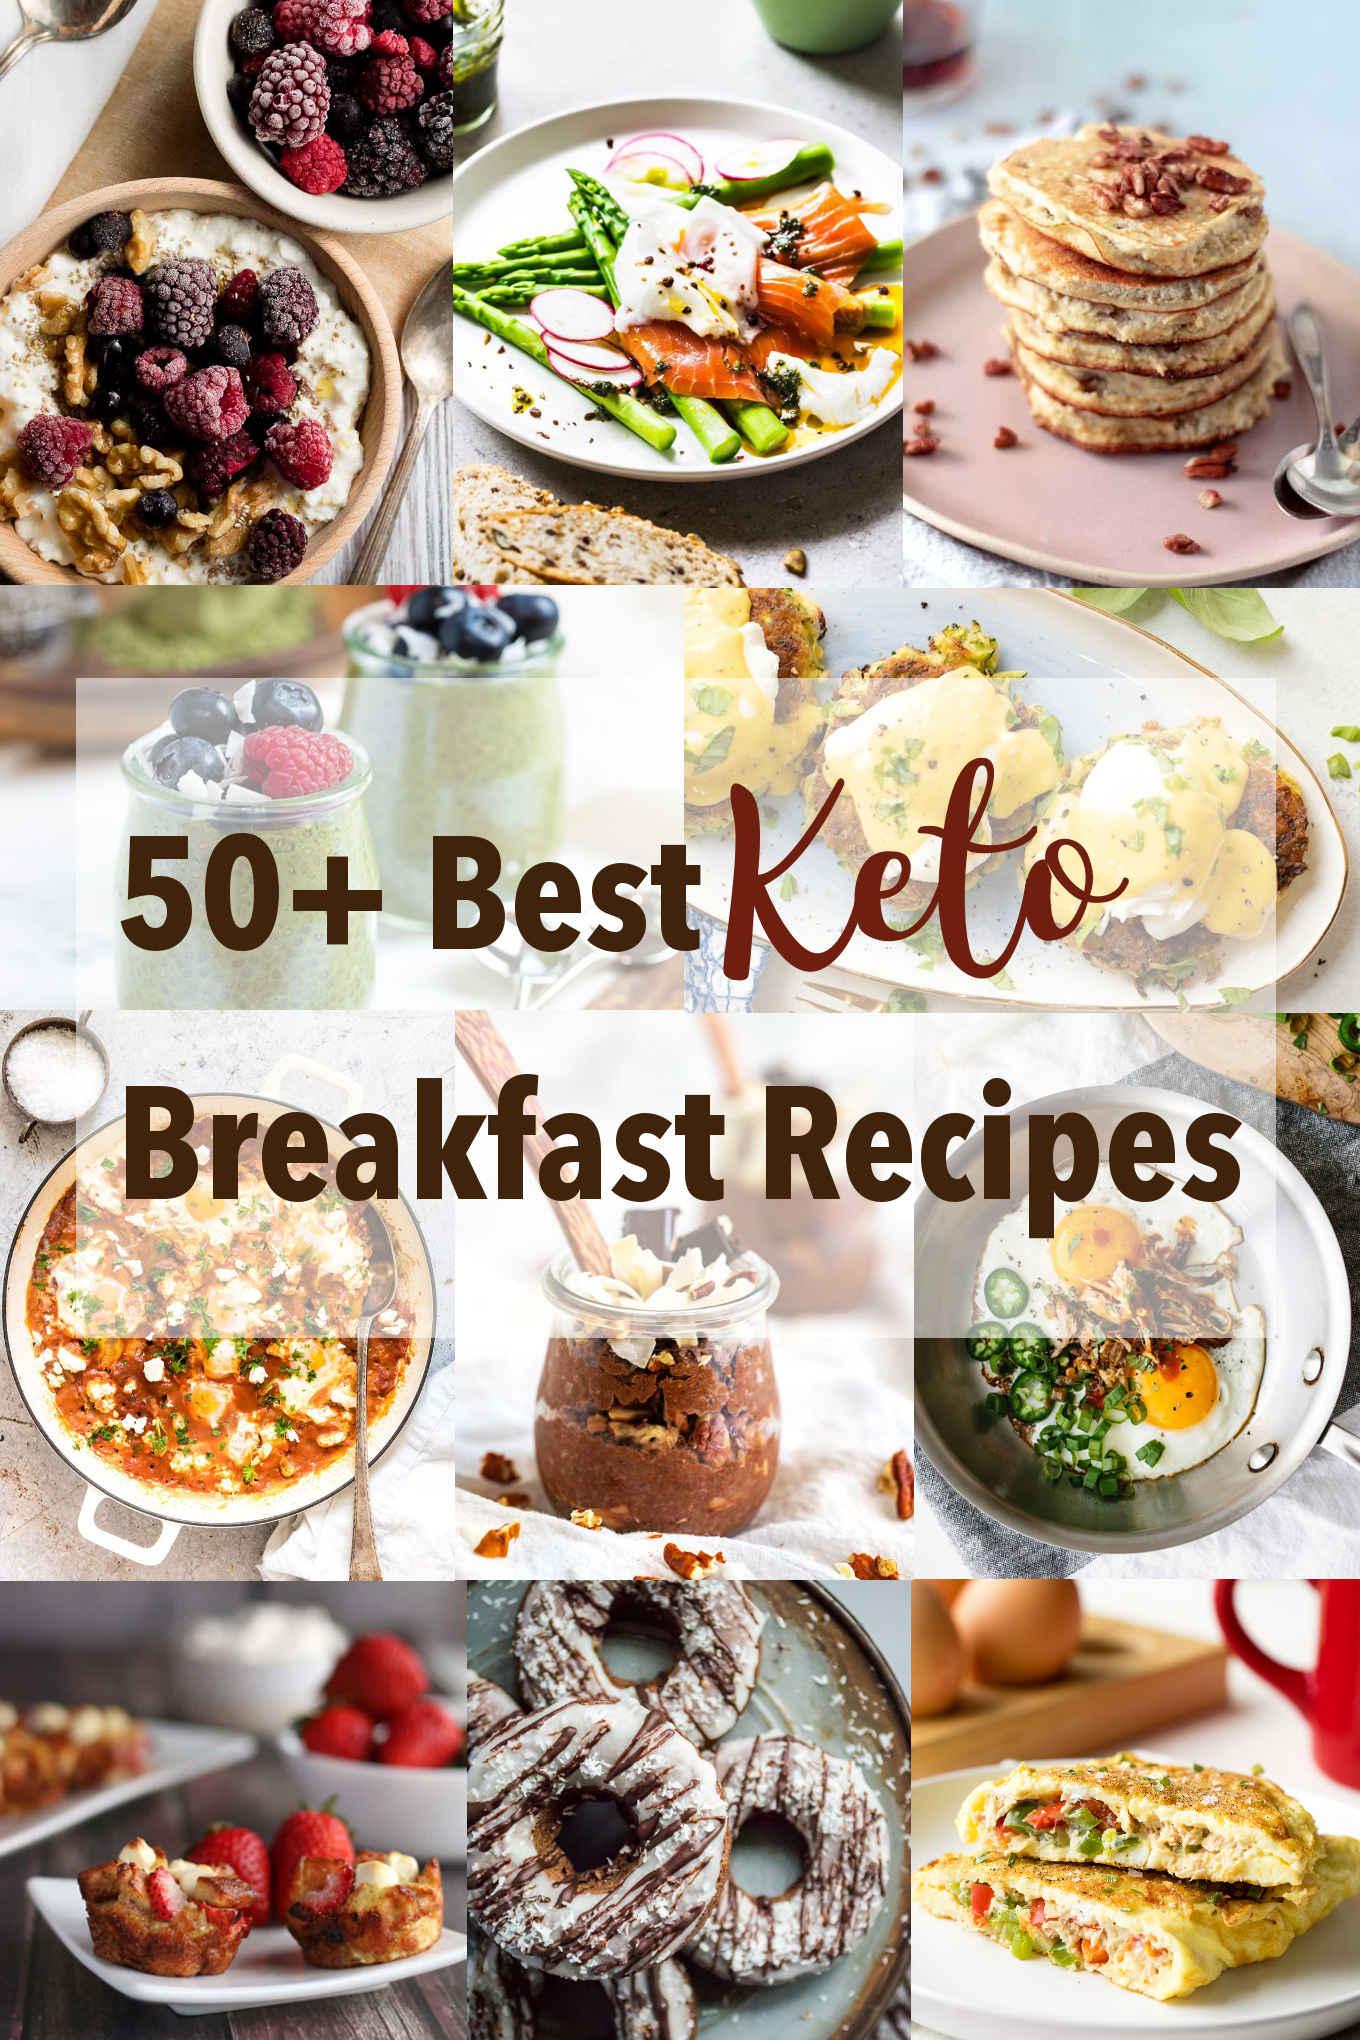 50+ Best Keto Breakfast Recipes